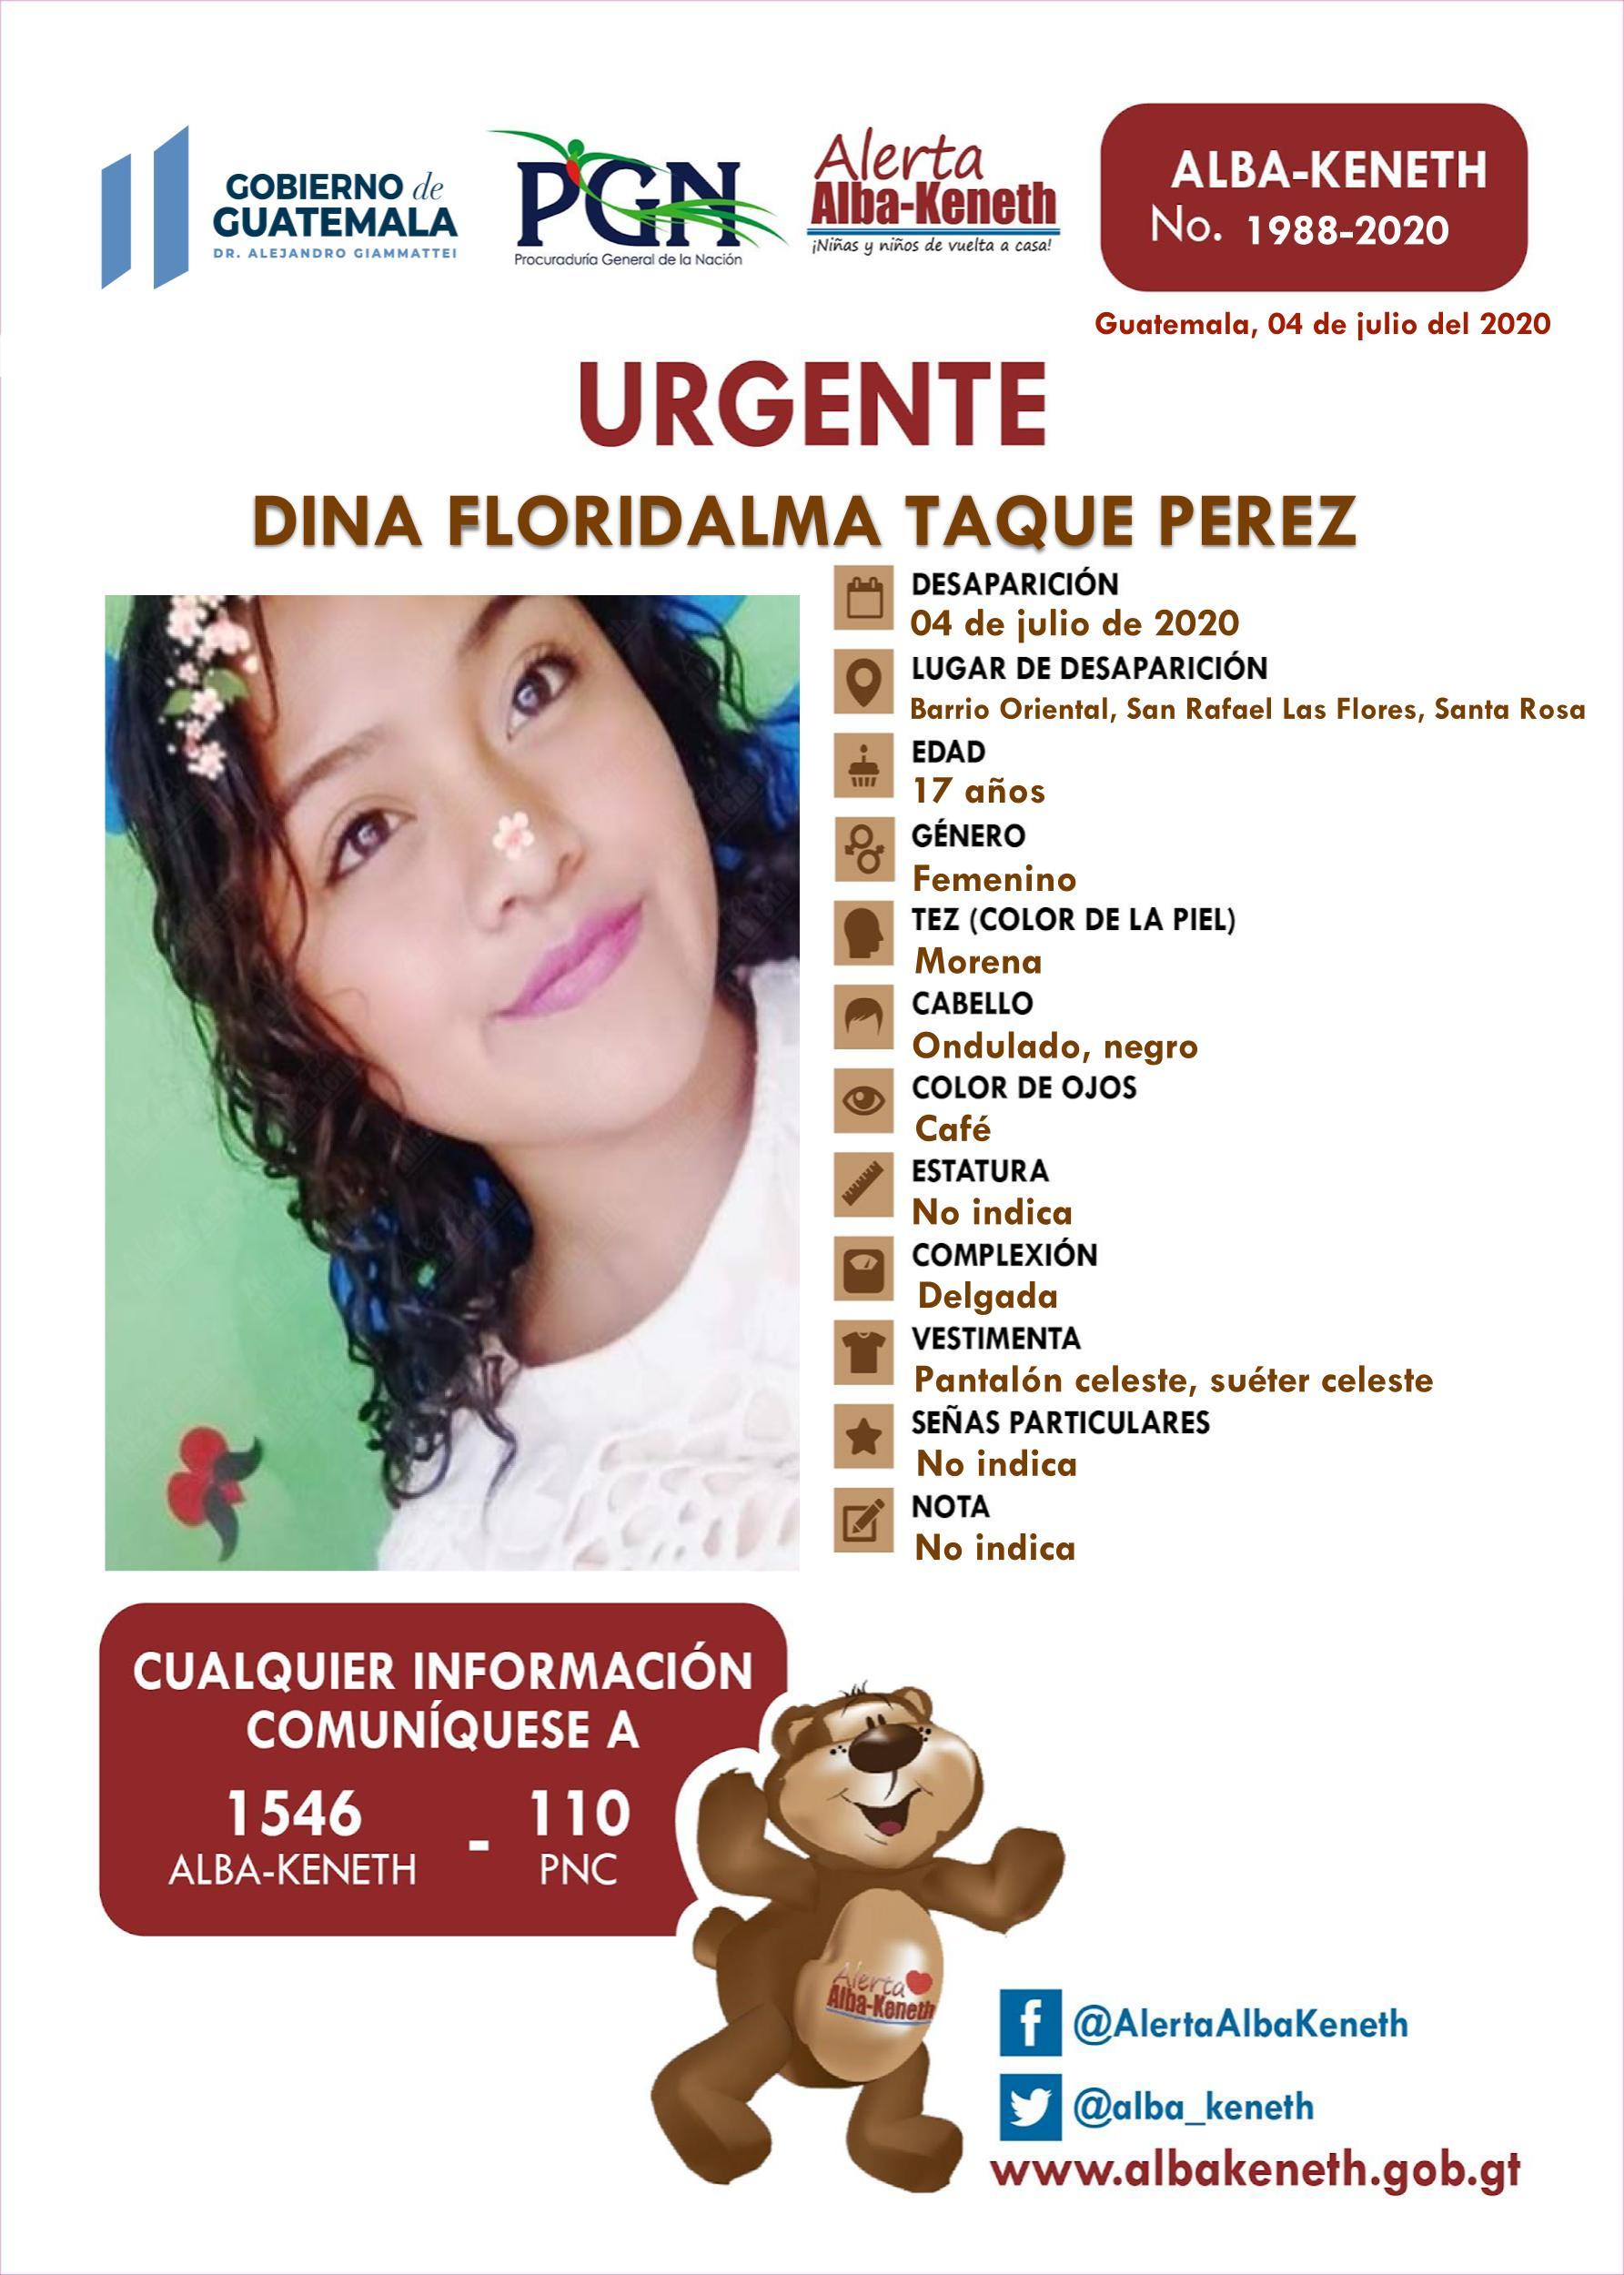 Dina Floridalma Taque Perez